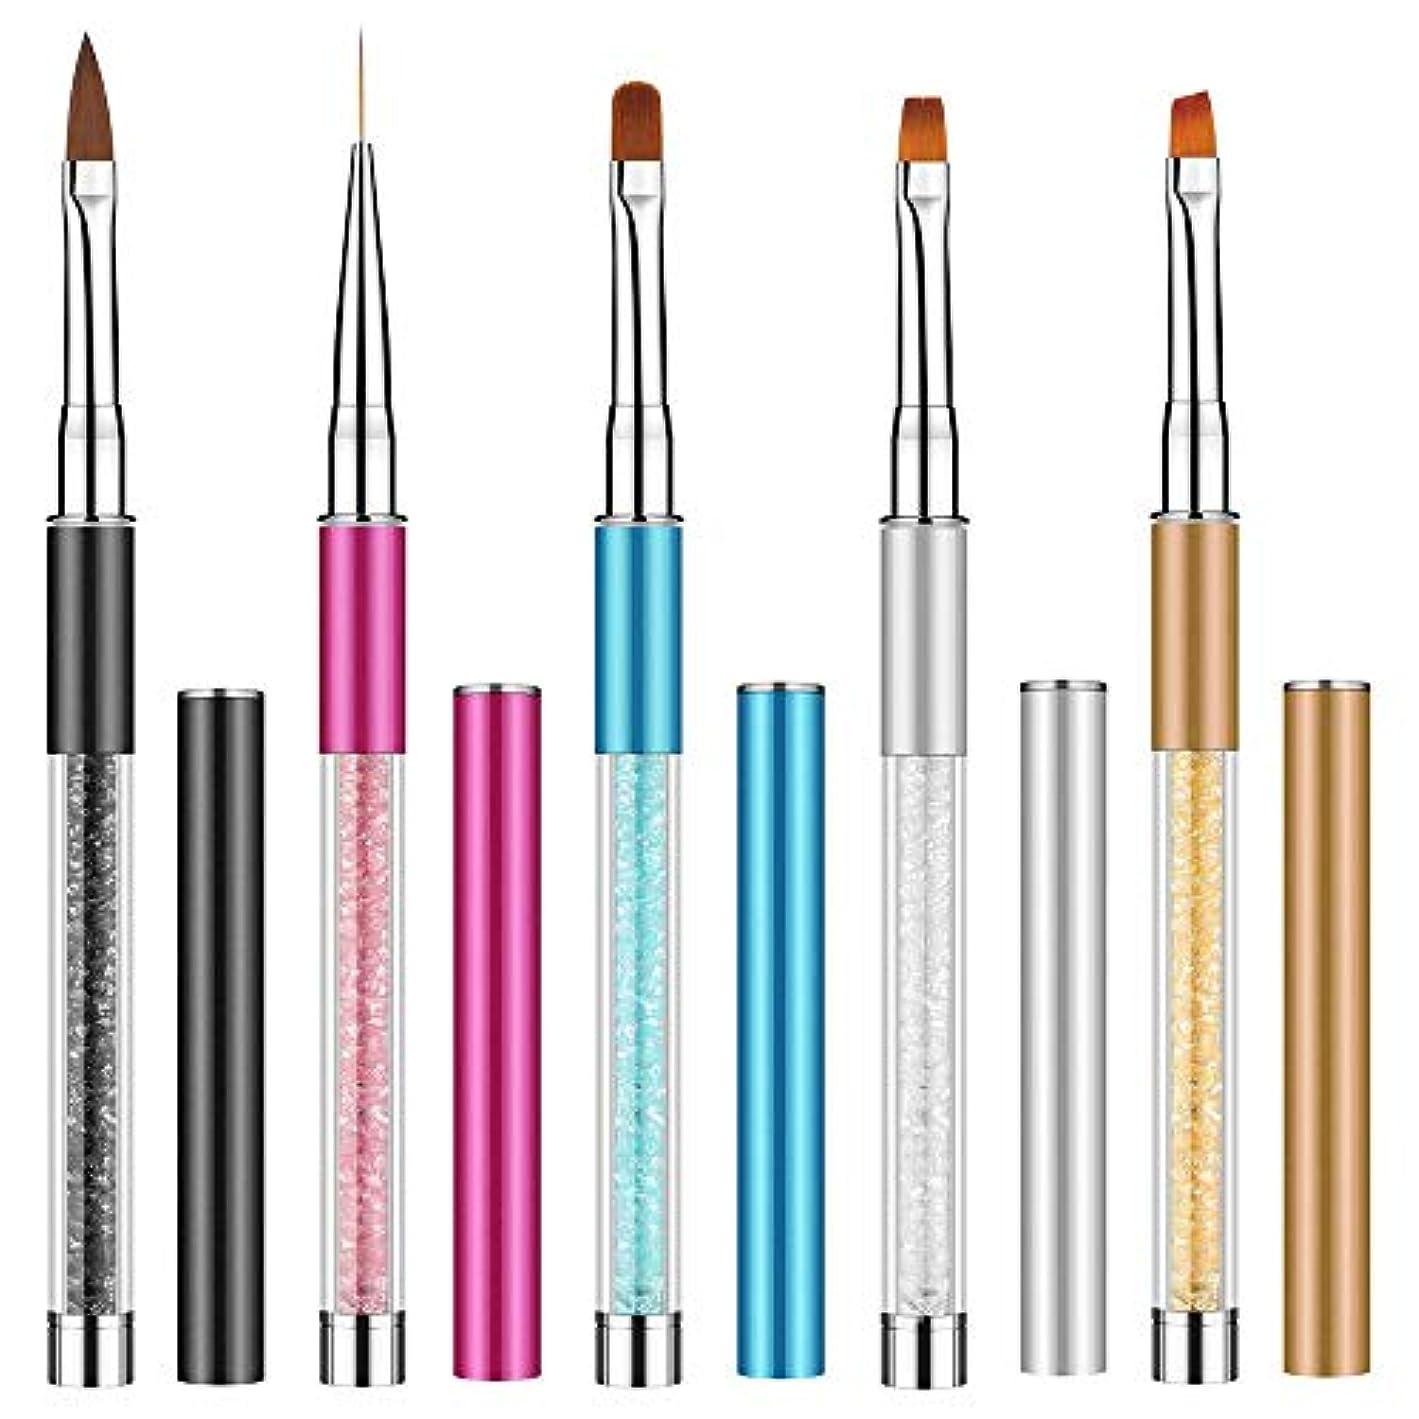 プラスチック素子嫉妬5本セッネイルアートブラシ Kalolary ネールアートペン ネールブラシセット マニキュアツールキット アクリル UV用 ネイルツール ネイル用品 キャップ付き